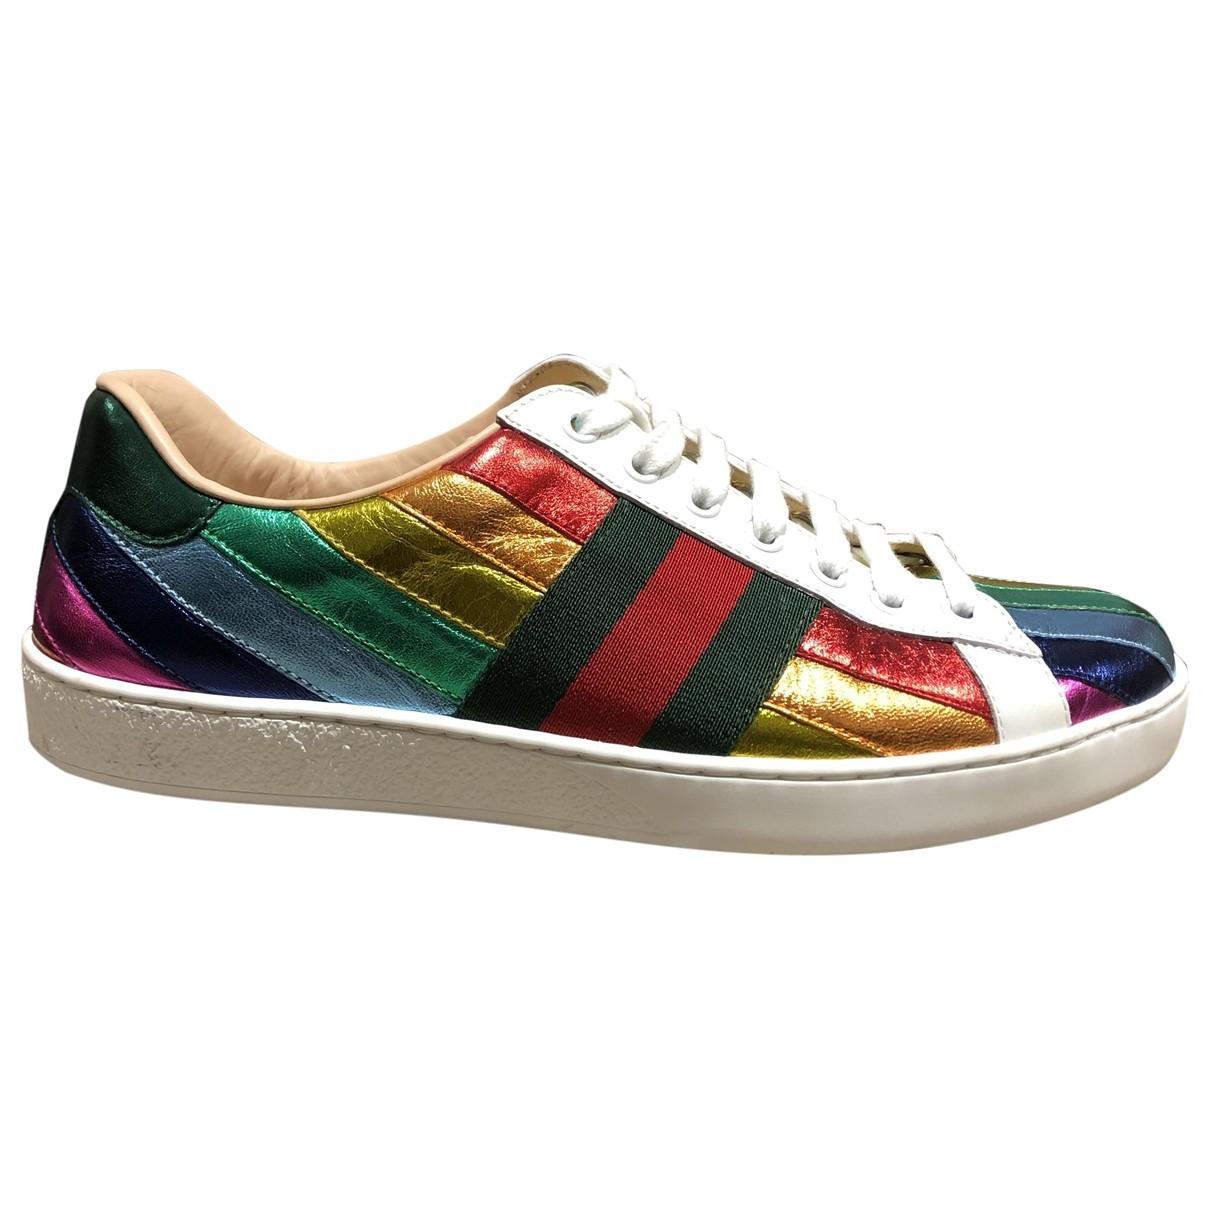 Gucci - Baskets Ace pour homme en cuir - multicolore